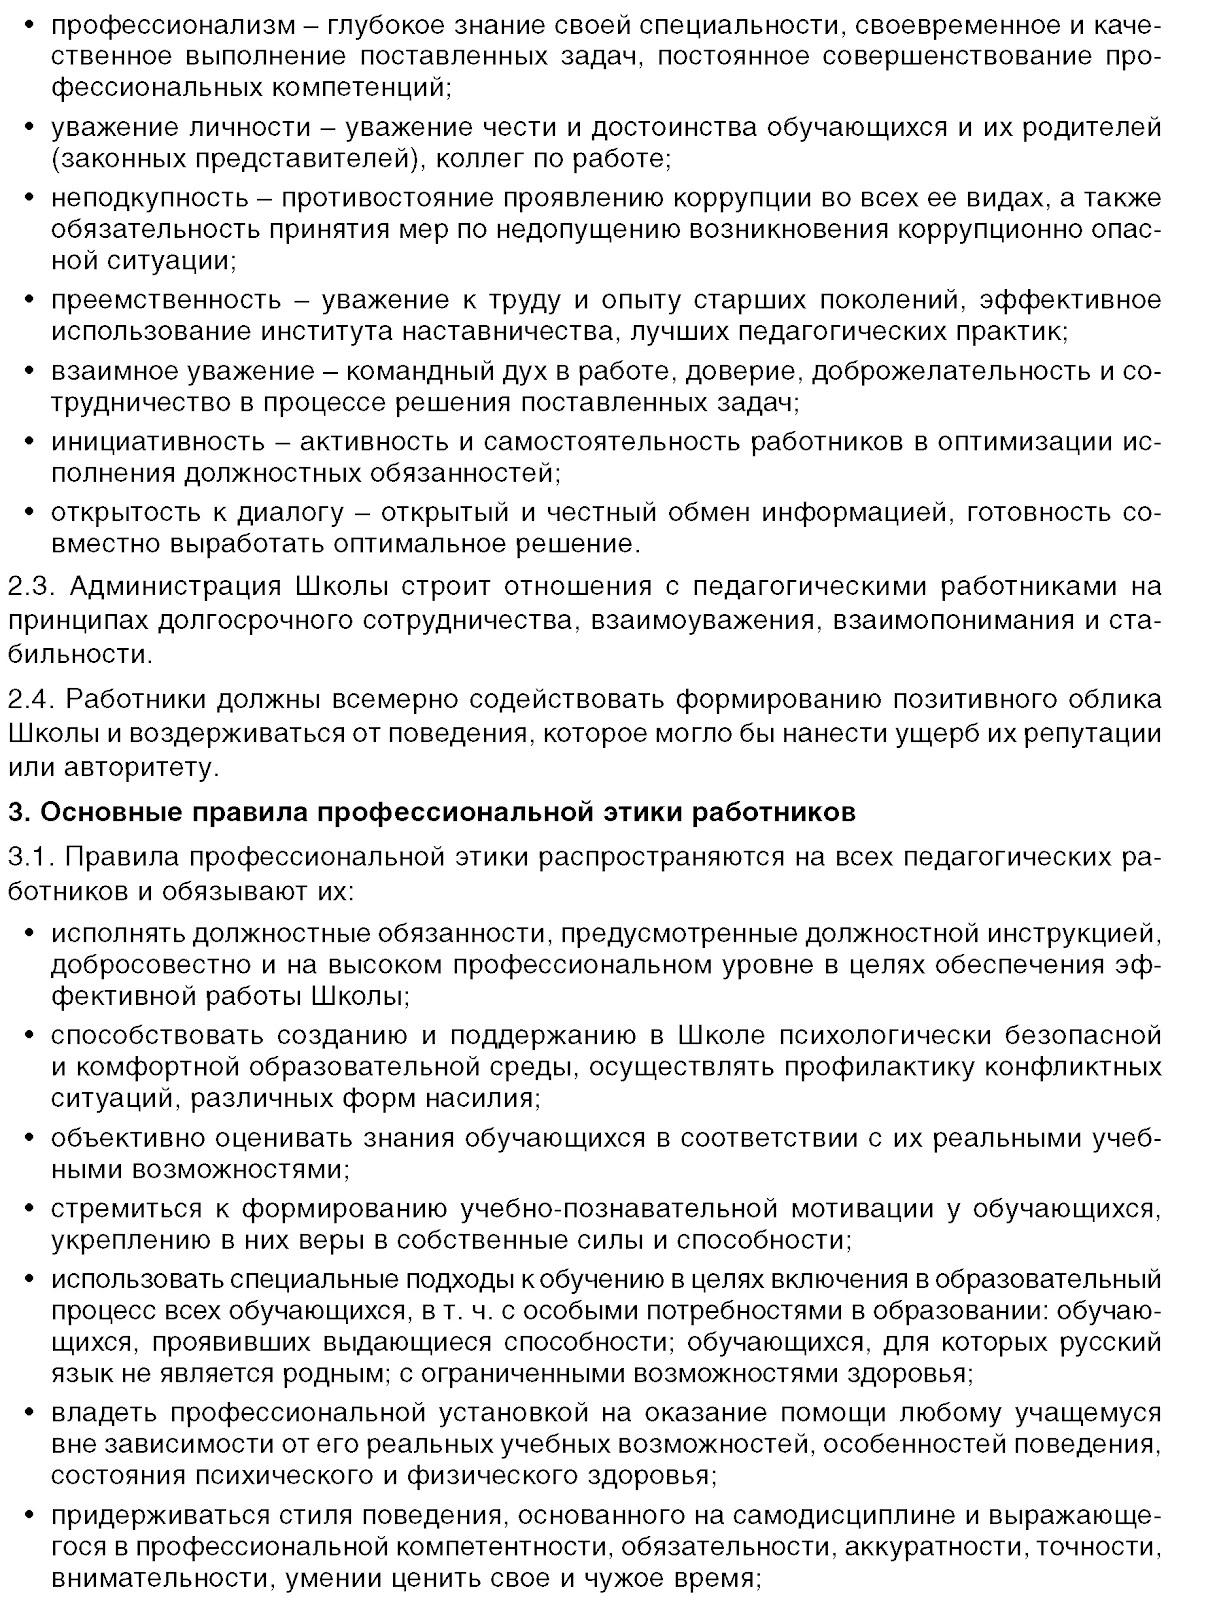 Кодекс педагогической деятельности в современной общеобразовательной школе